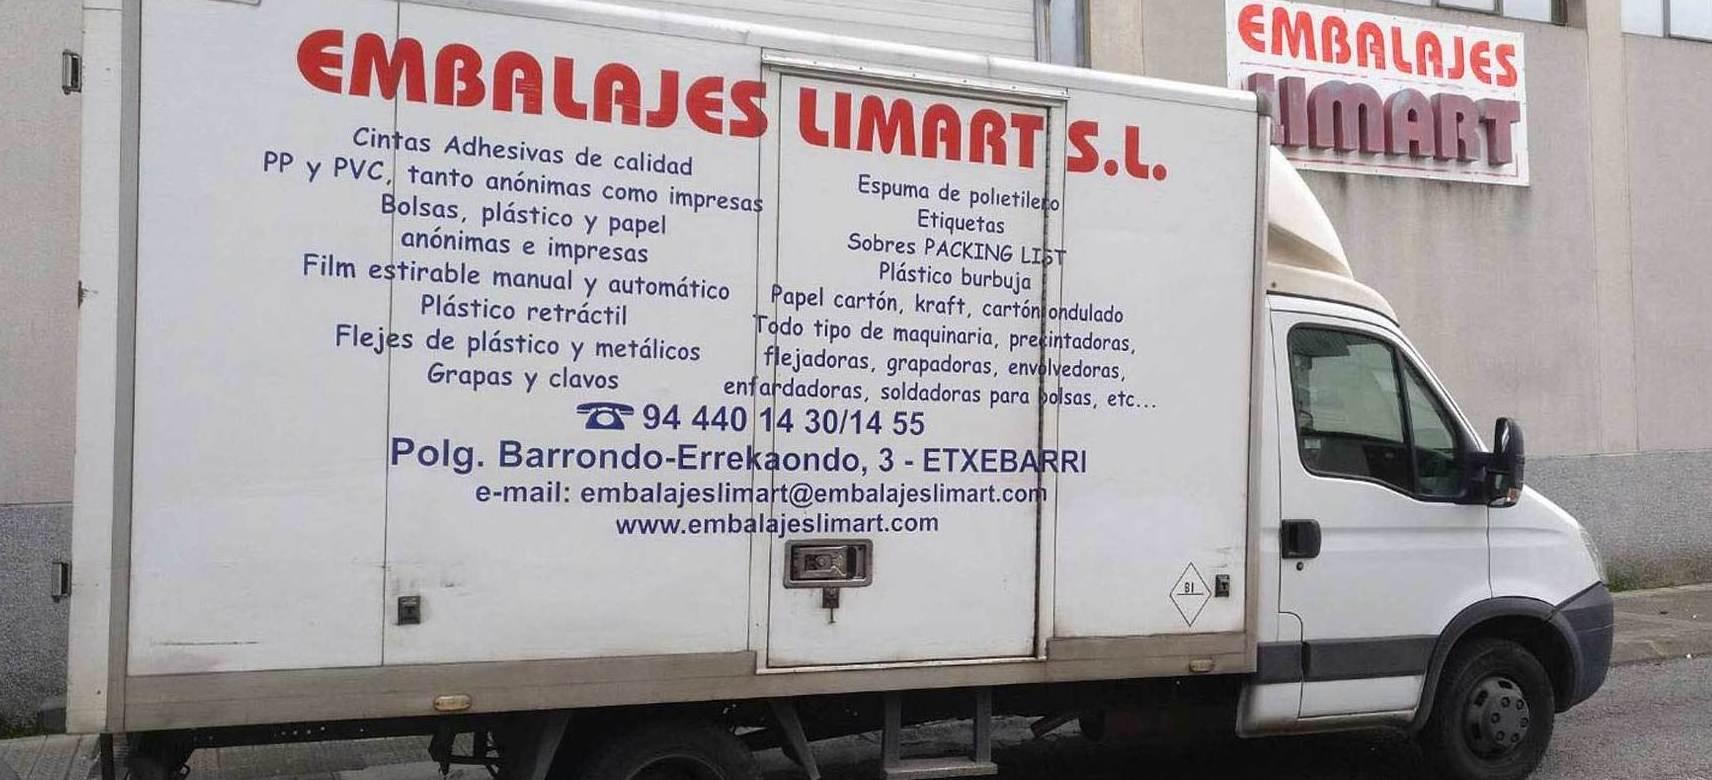 Transporte: Servicios de embalaje de Embalajes Limart